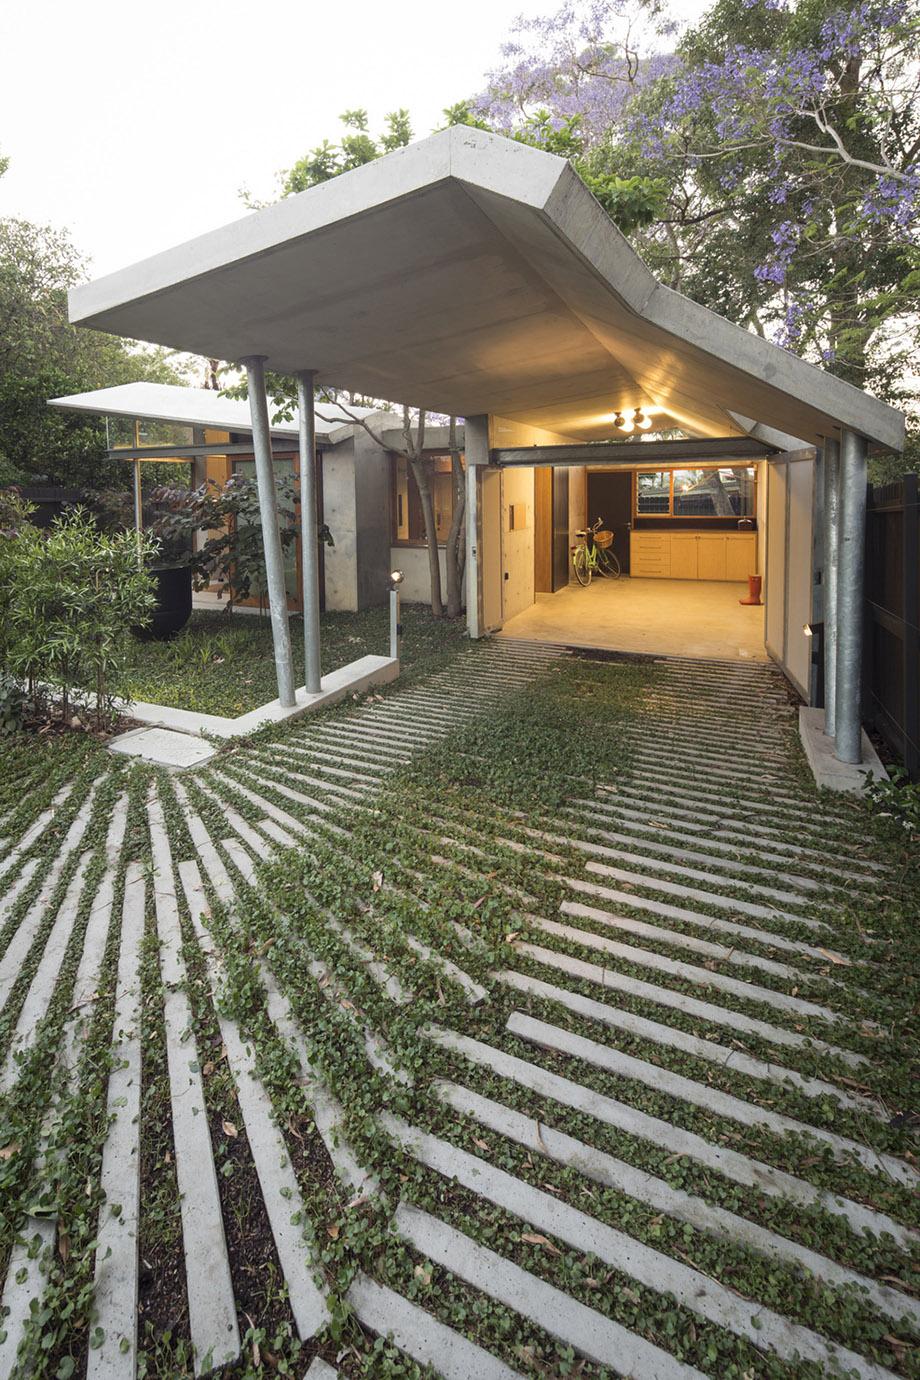 โรงรถเชื่อมต่อบ้านและสวน